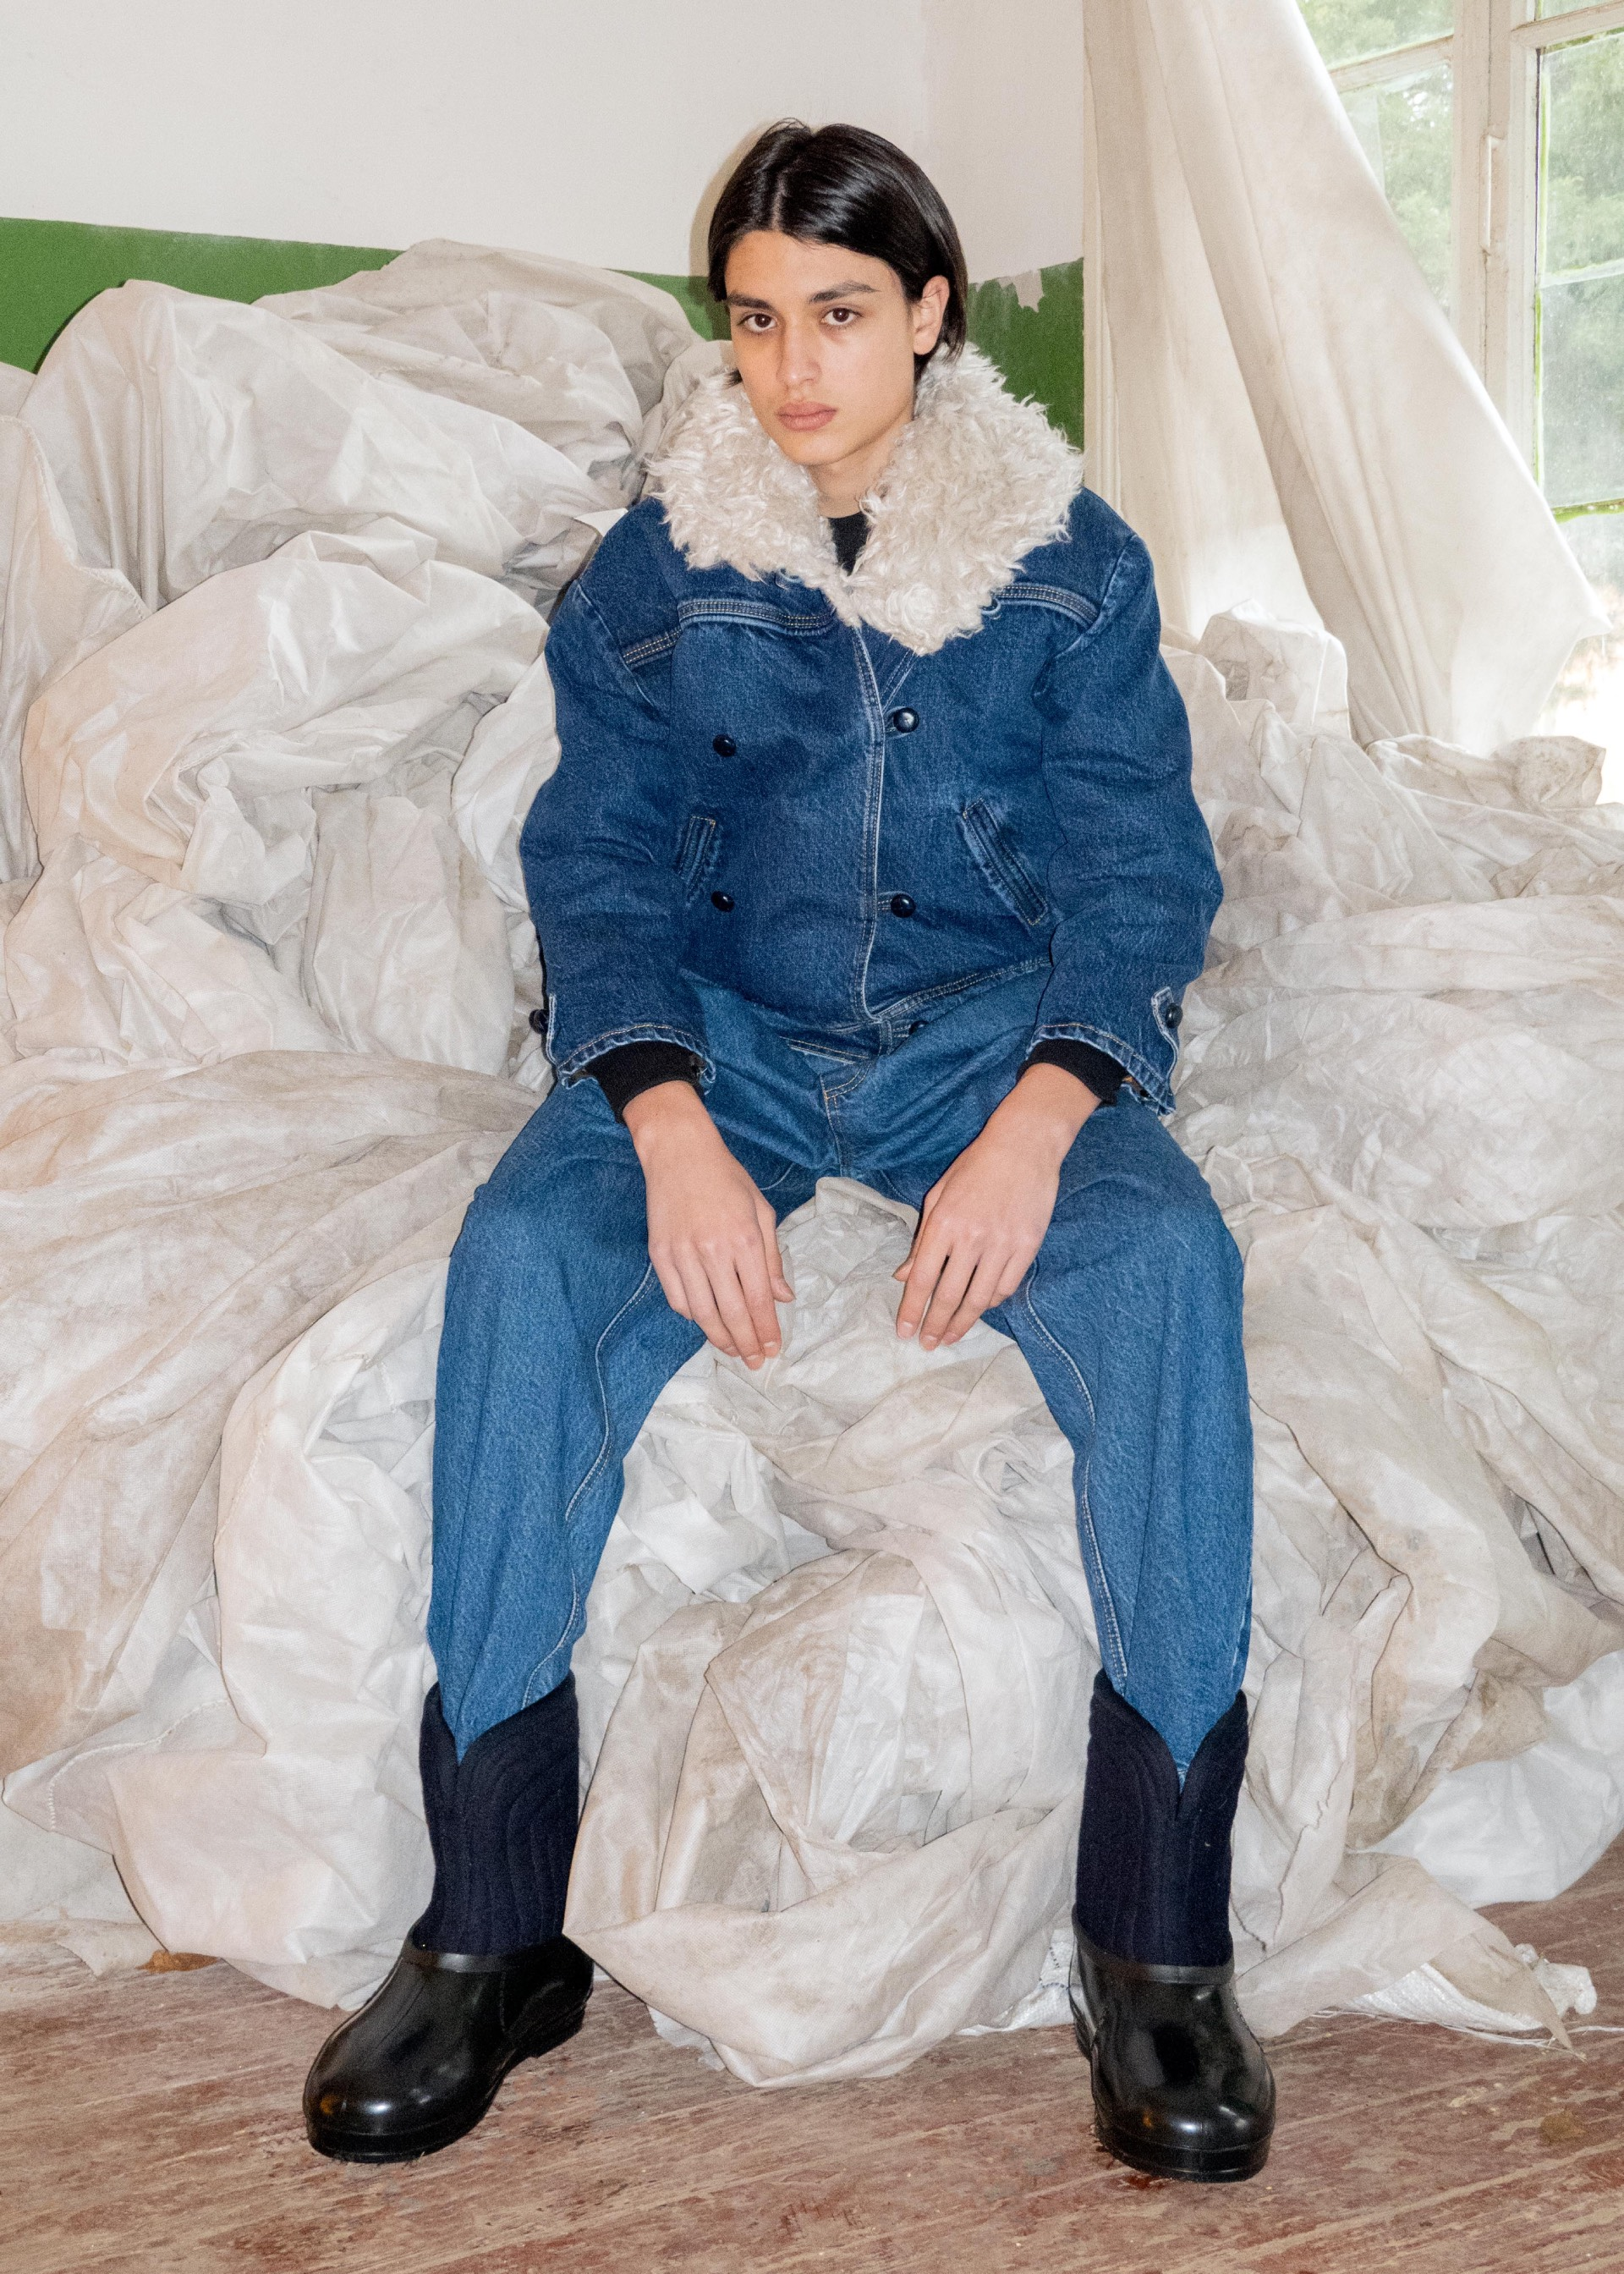 Бренд Ksenia Schnaider выпустил коллекцию верхней одежды из конопли